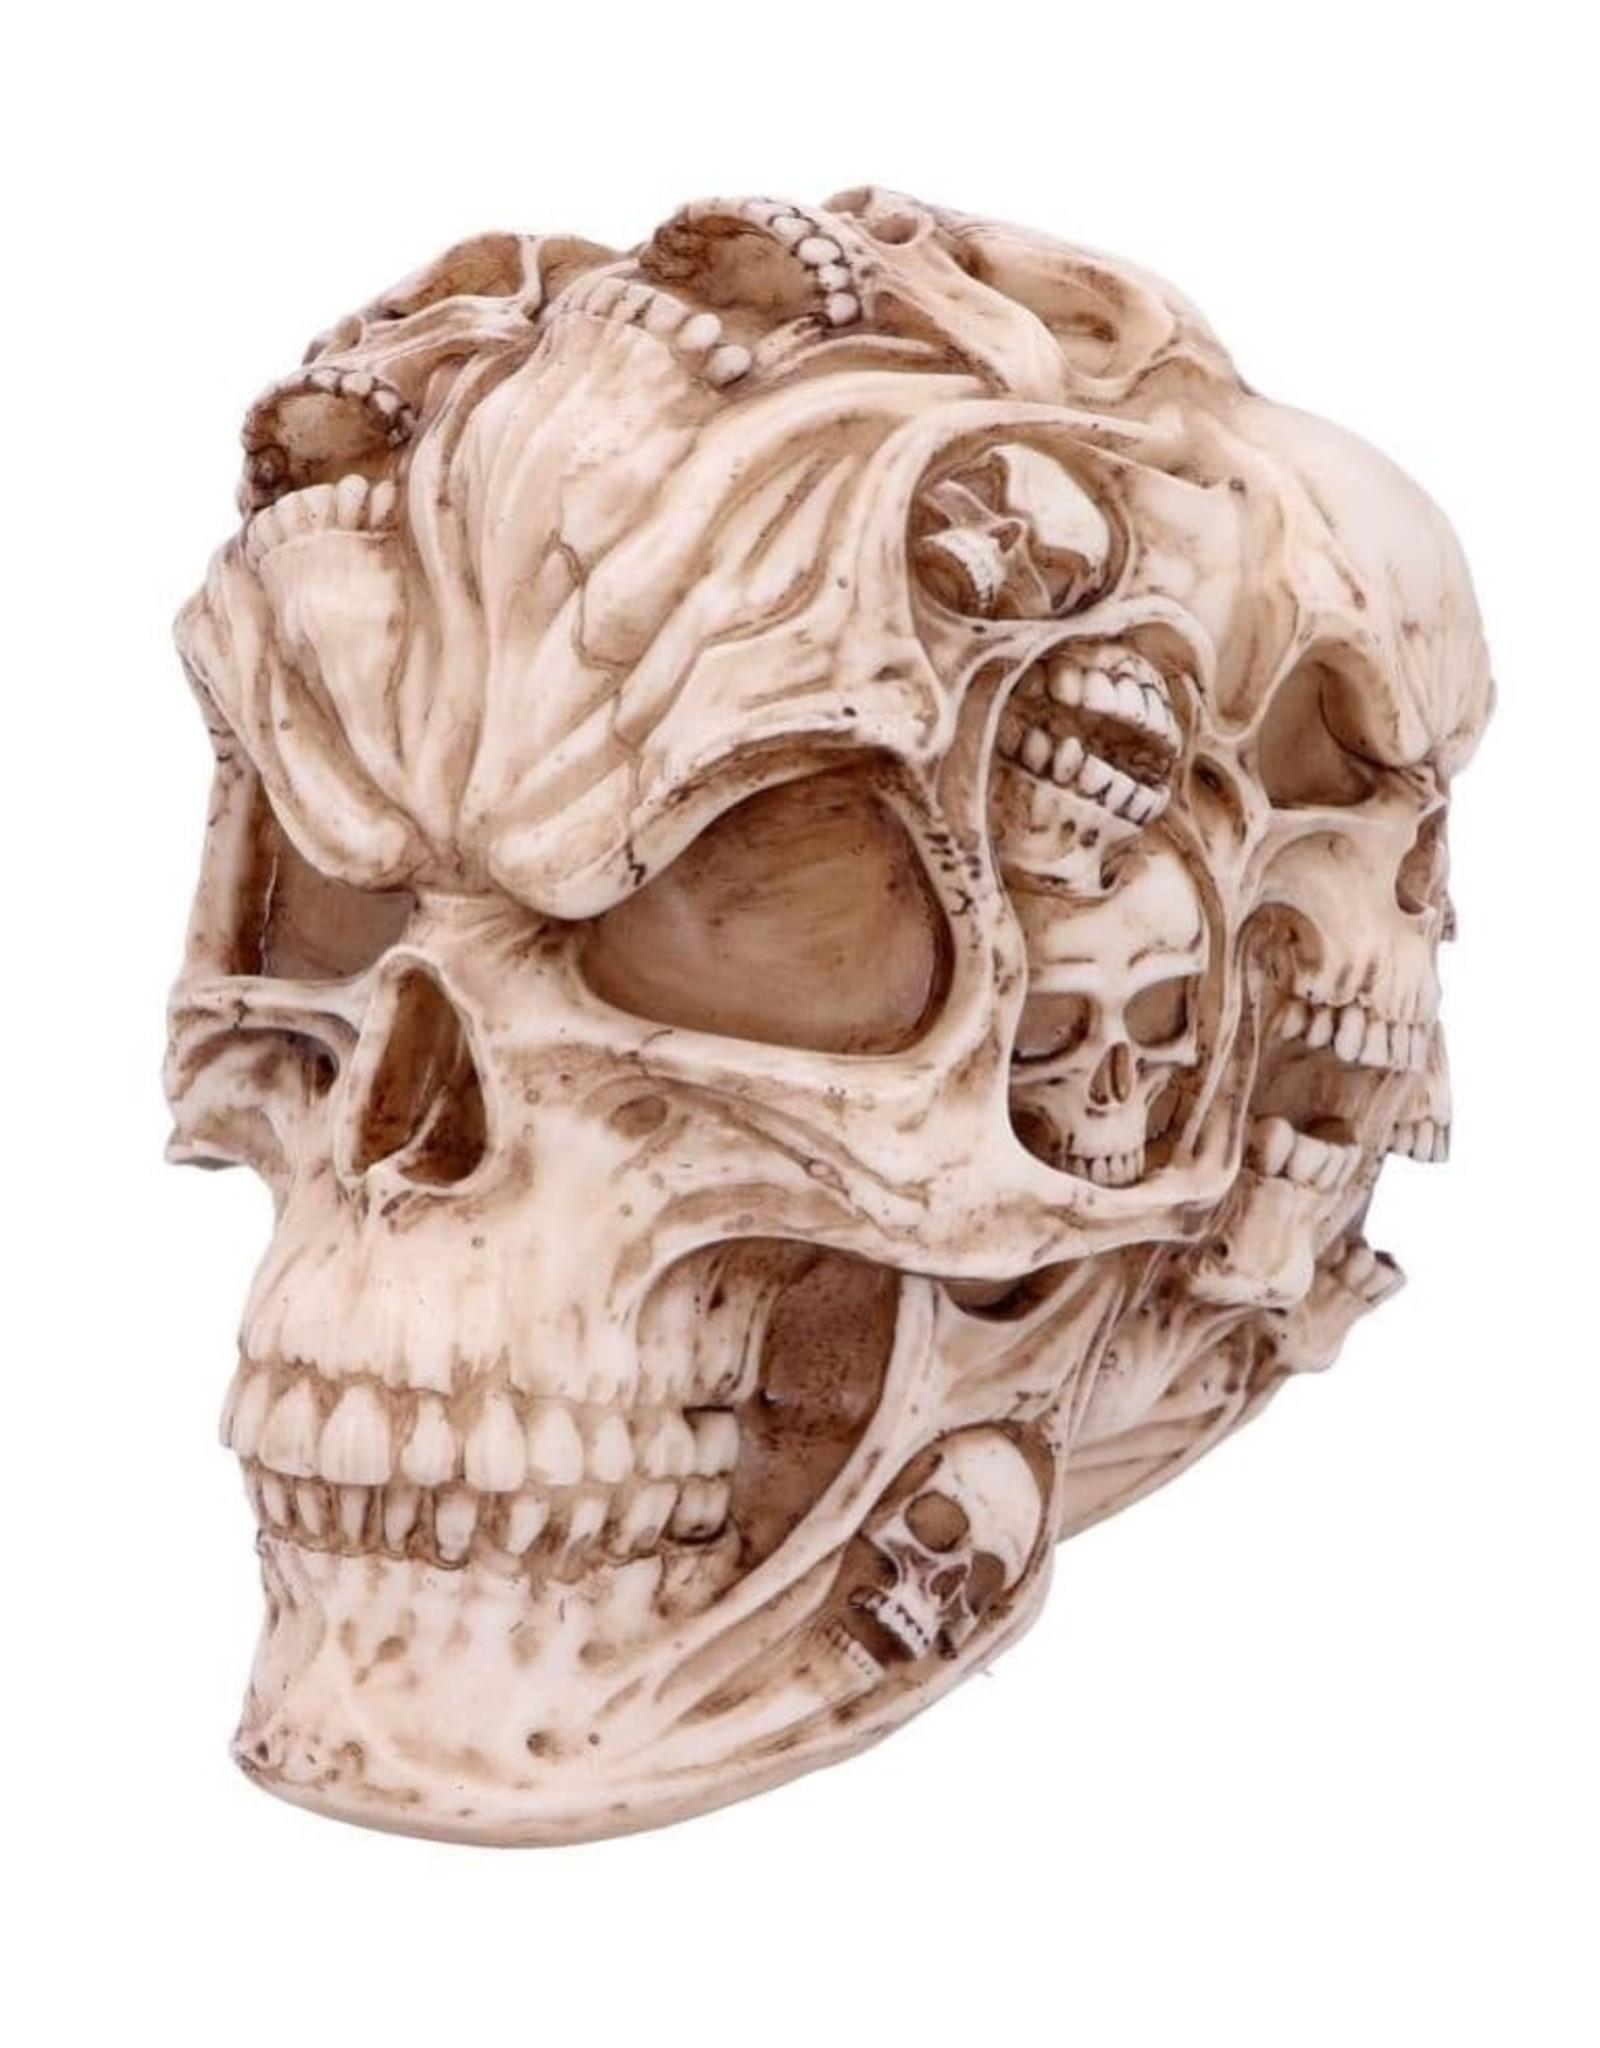 James Ryman Schedels - Skull of Skulls schedel van James Rayman - Nemesis Now